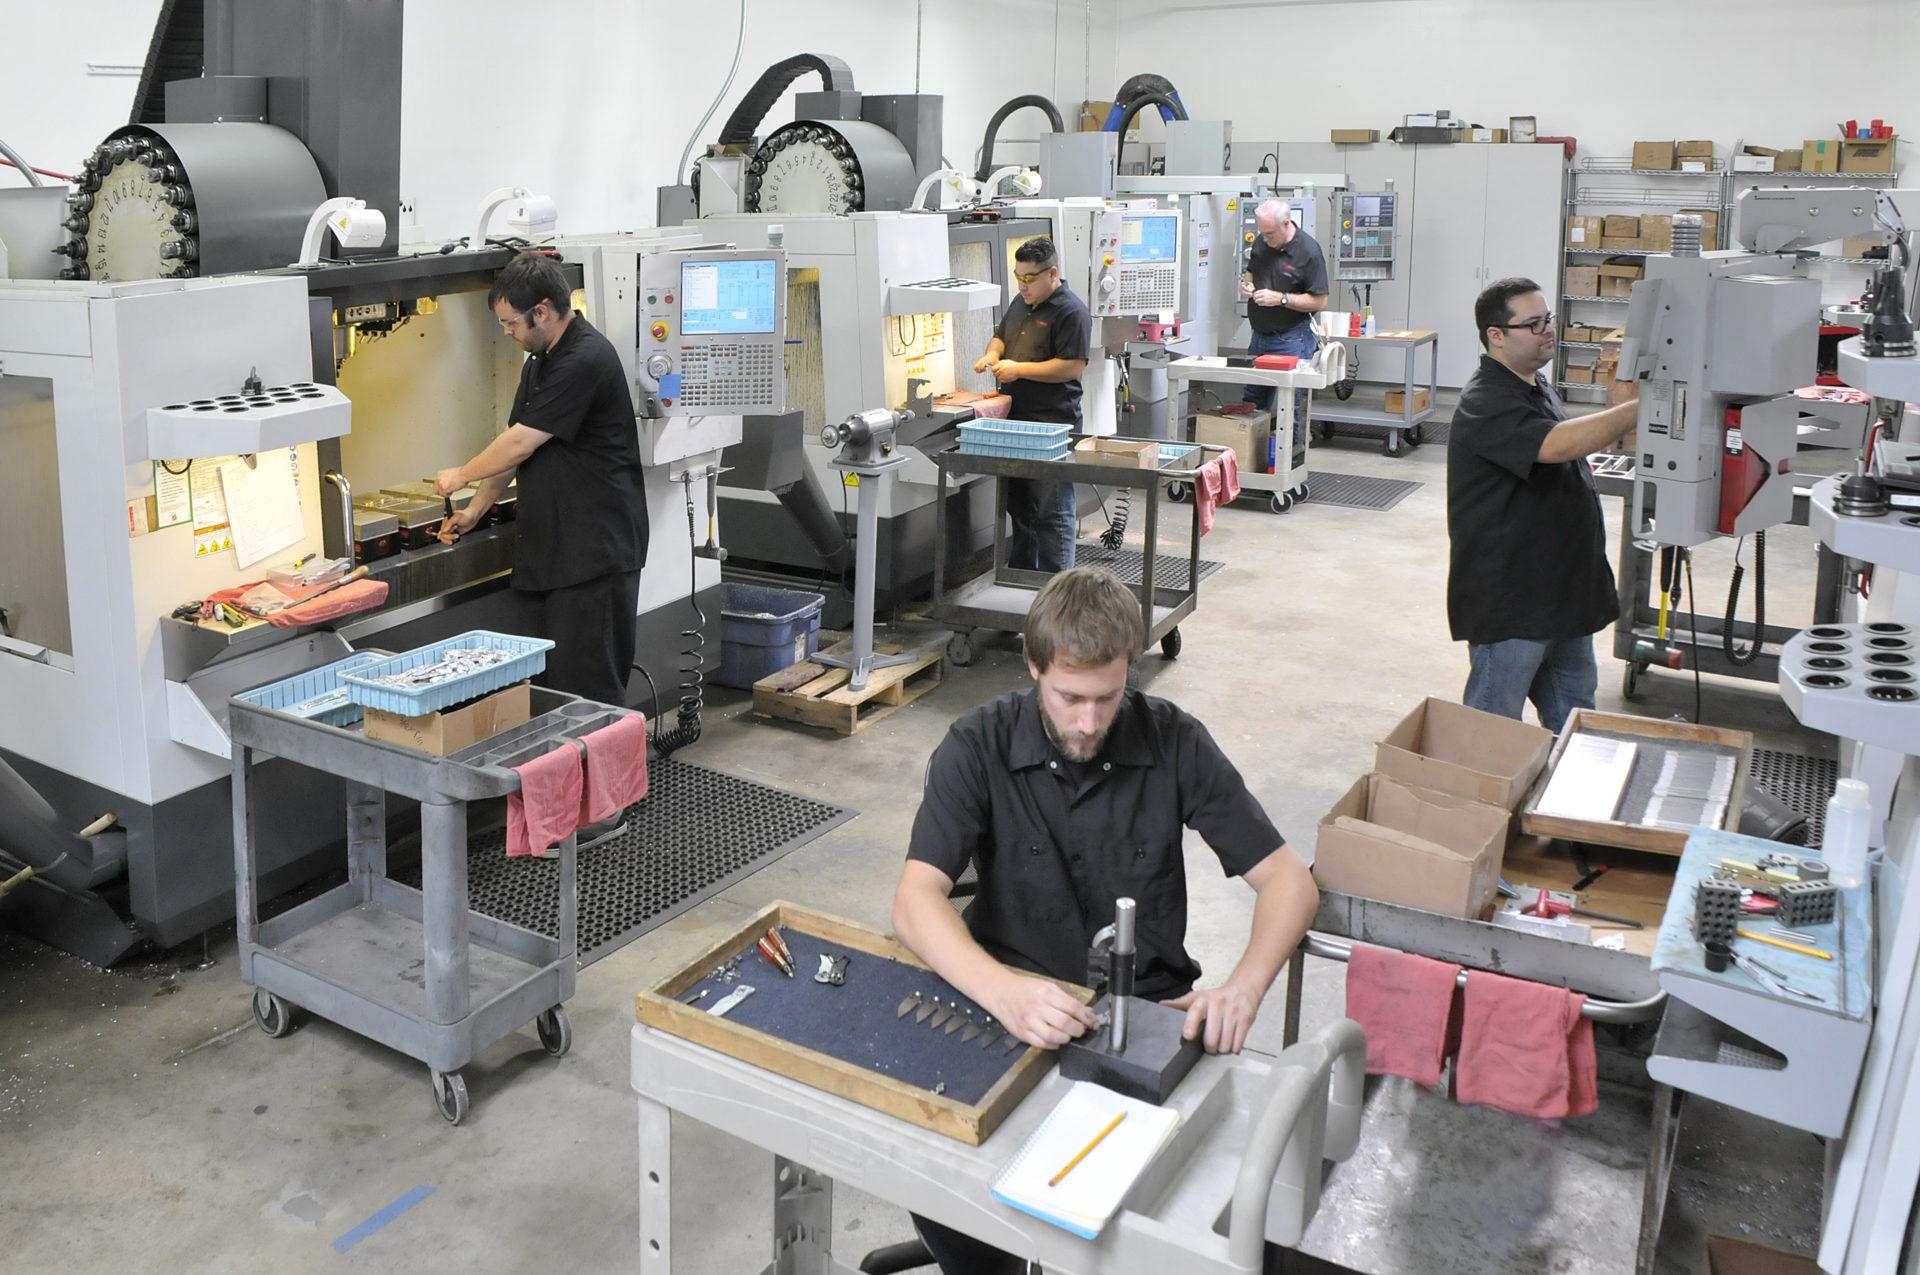 Comment bien aménager son atelier industriel ?